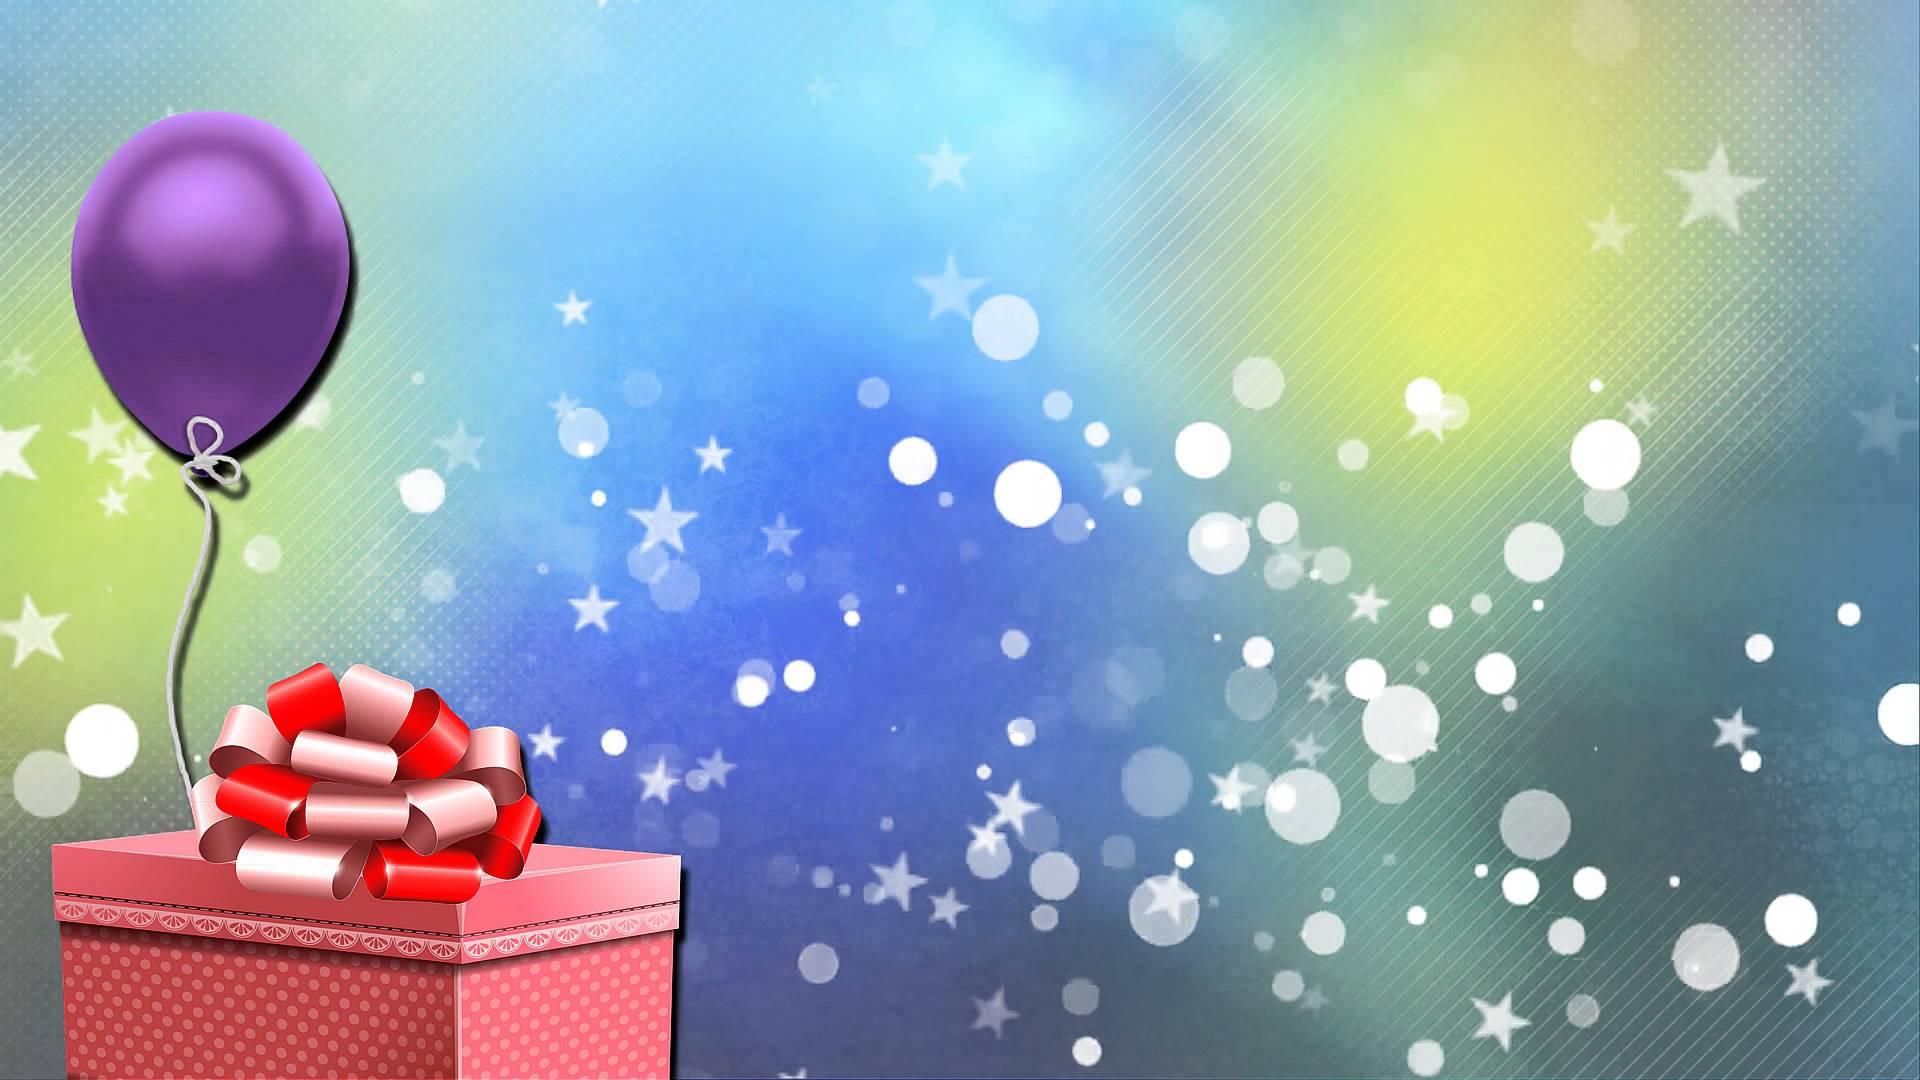 Поздравление с Днем Рождения фон для открытки (34)